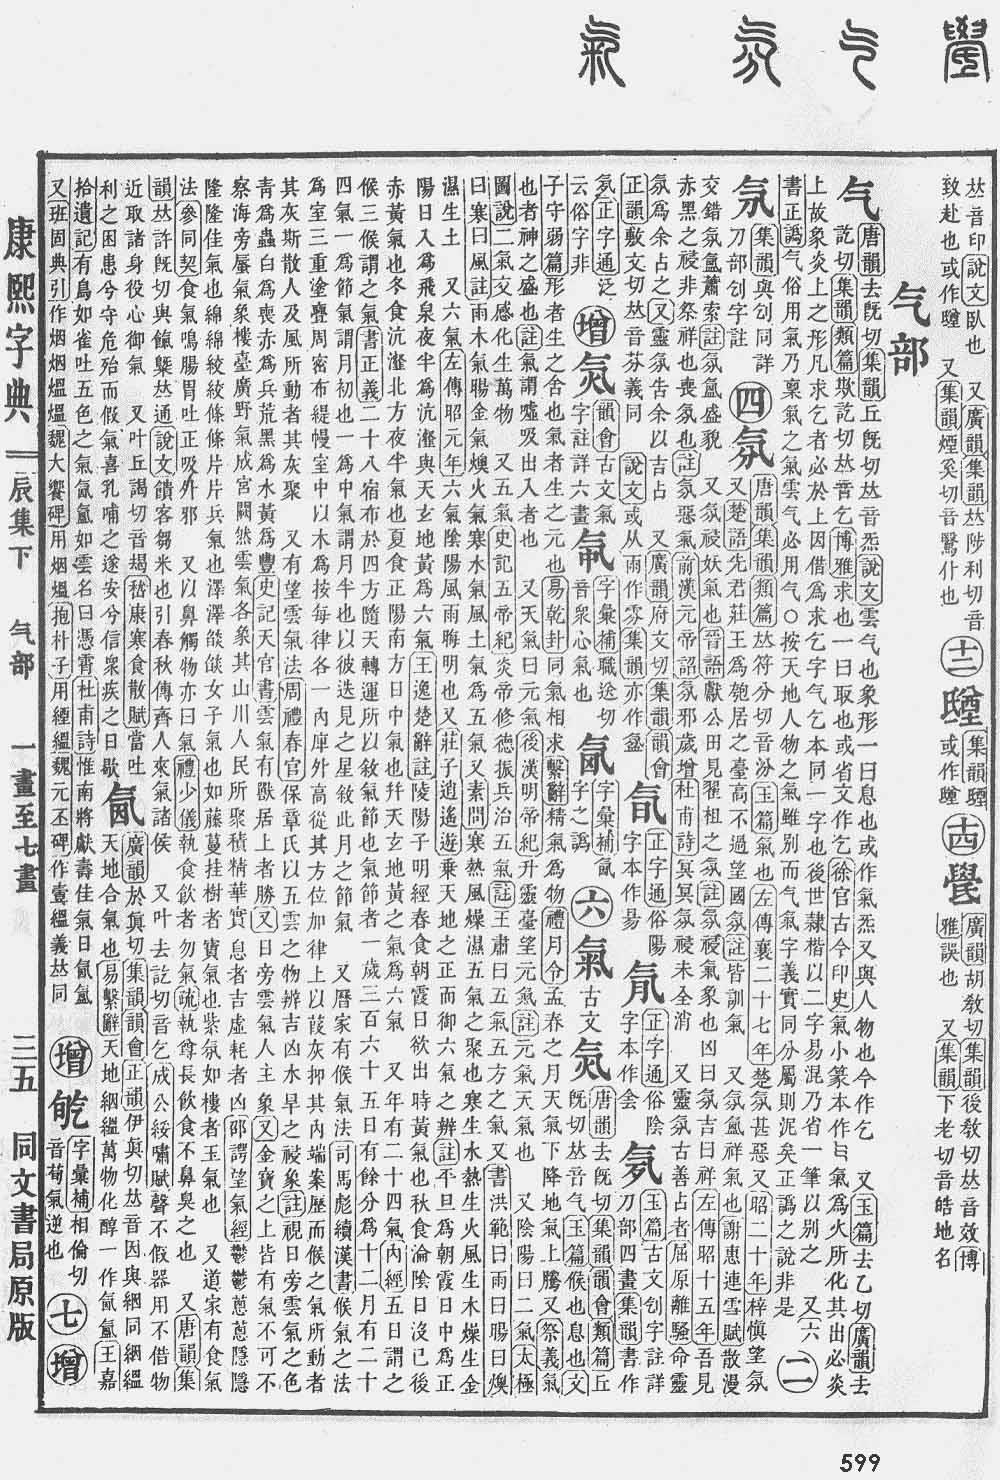 《康熙字典》第599页